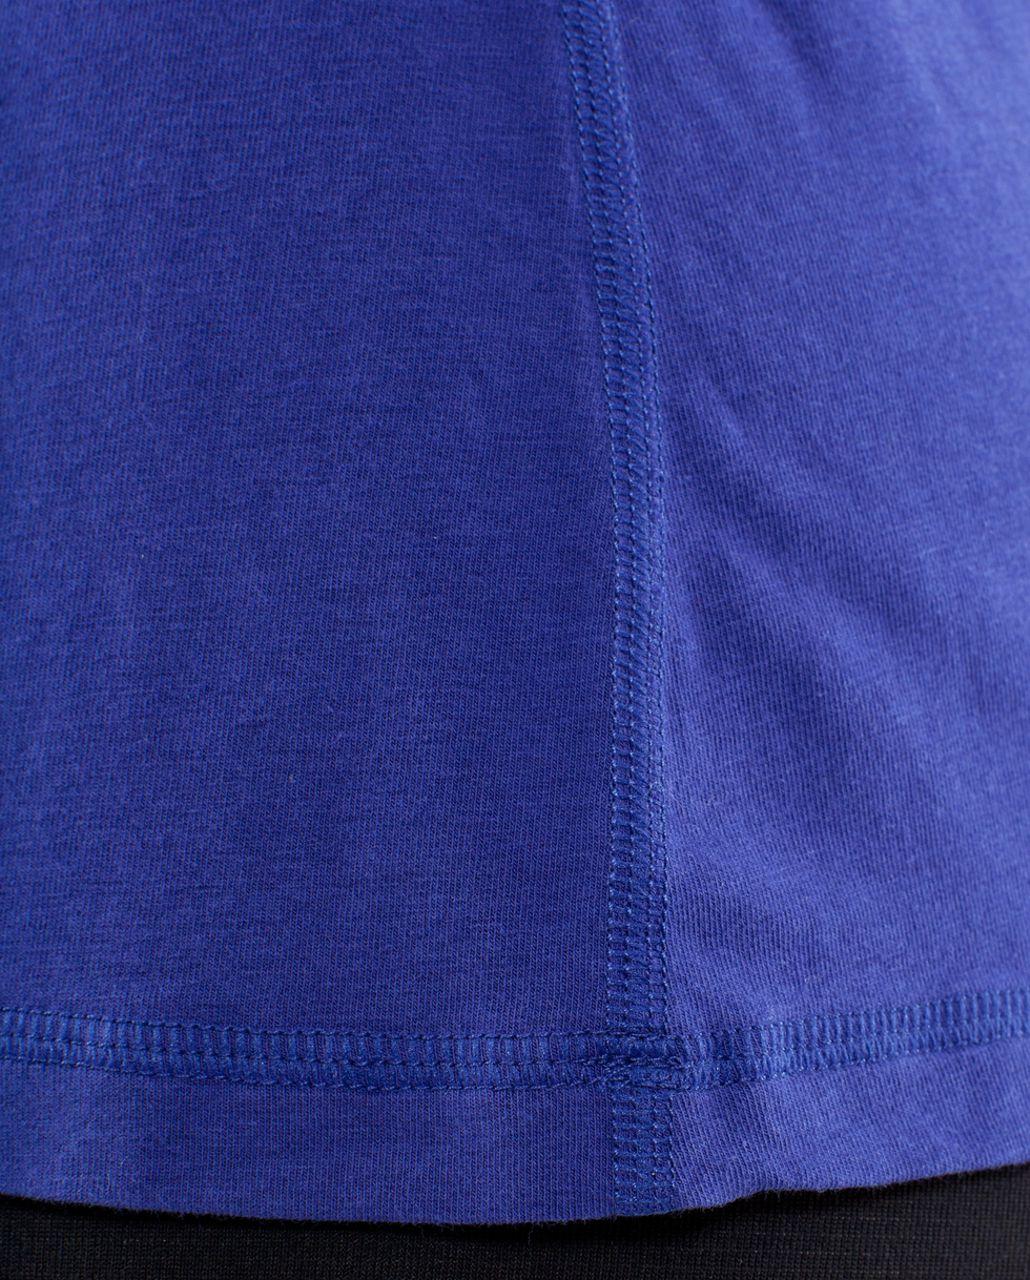 Lululemon Lively Crewneck Tee *Vitasea - Pigment Blue